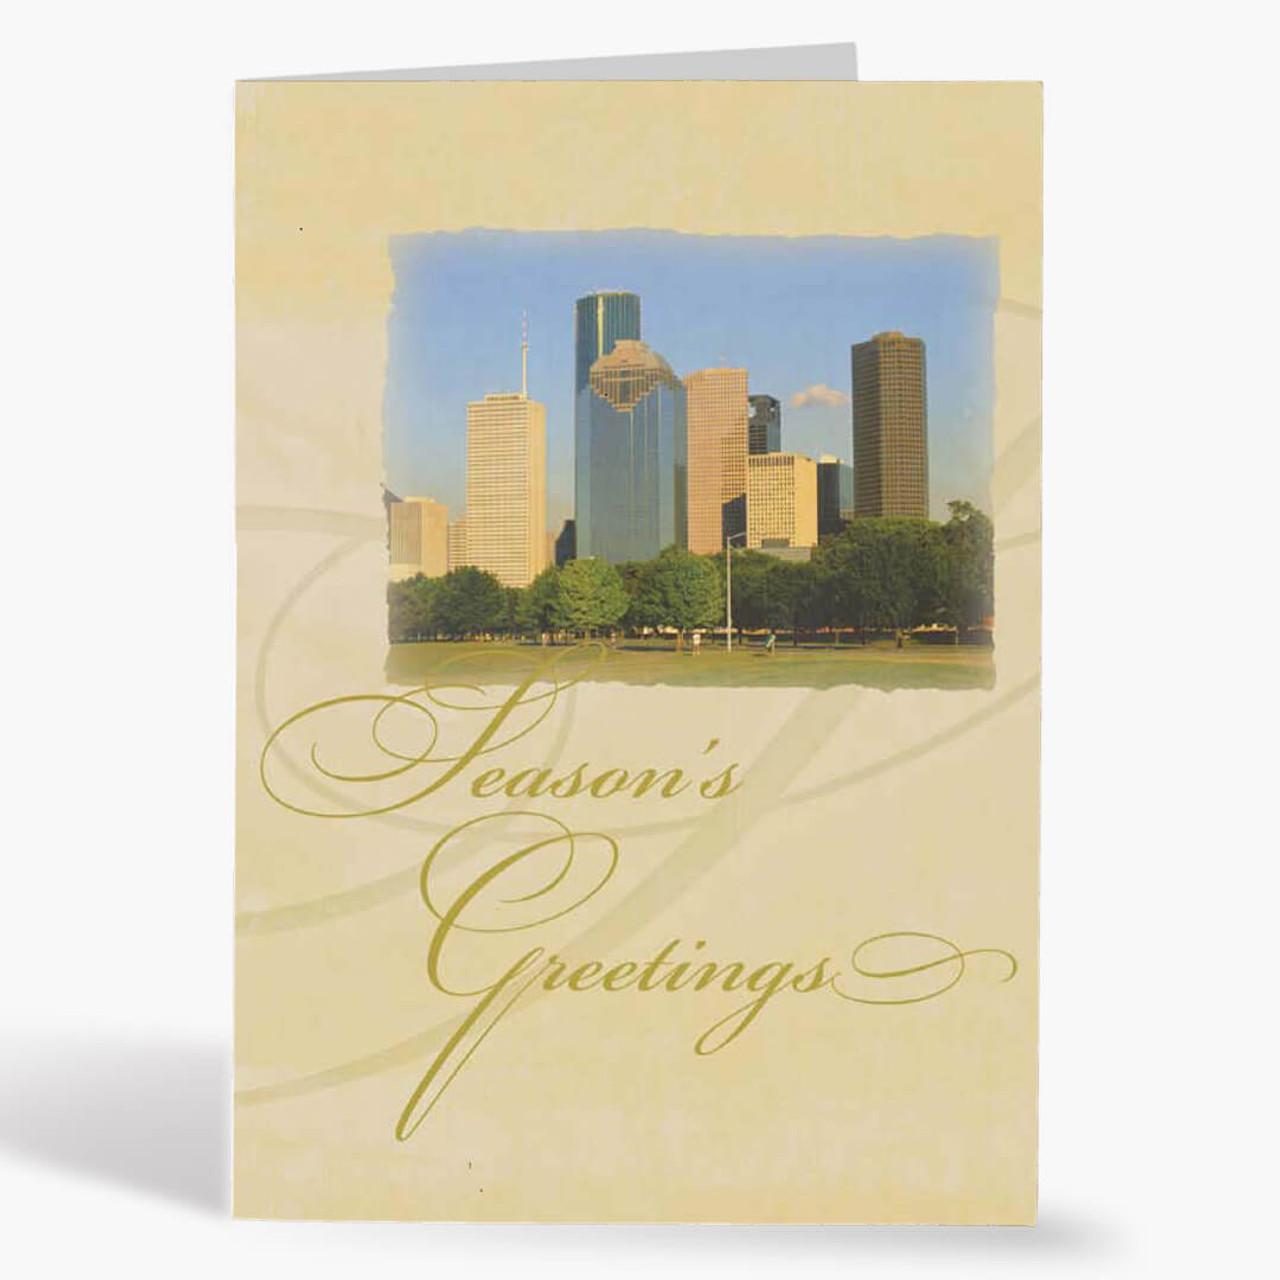 Houston Greetings